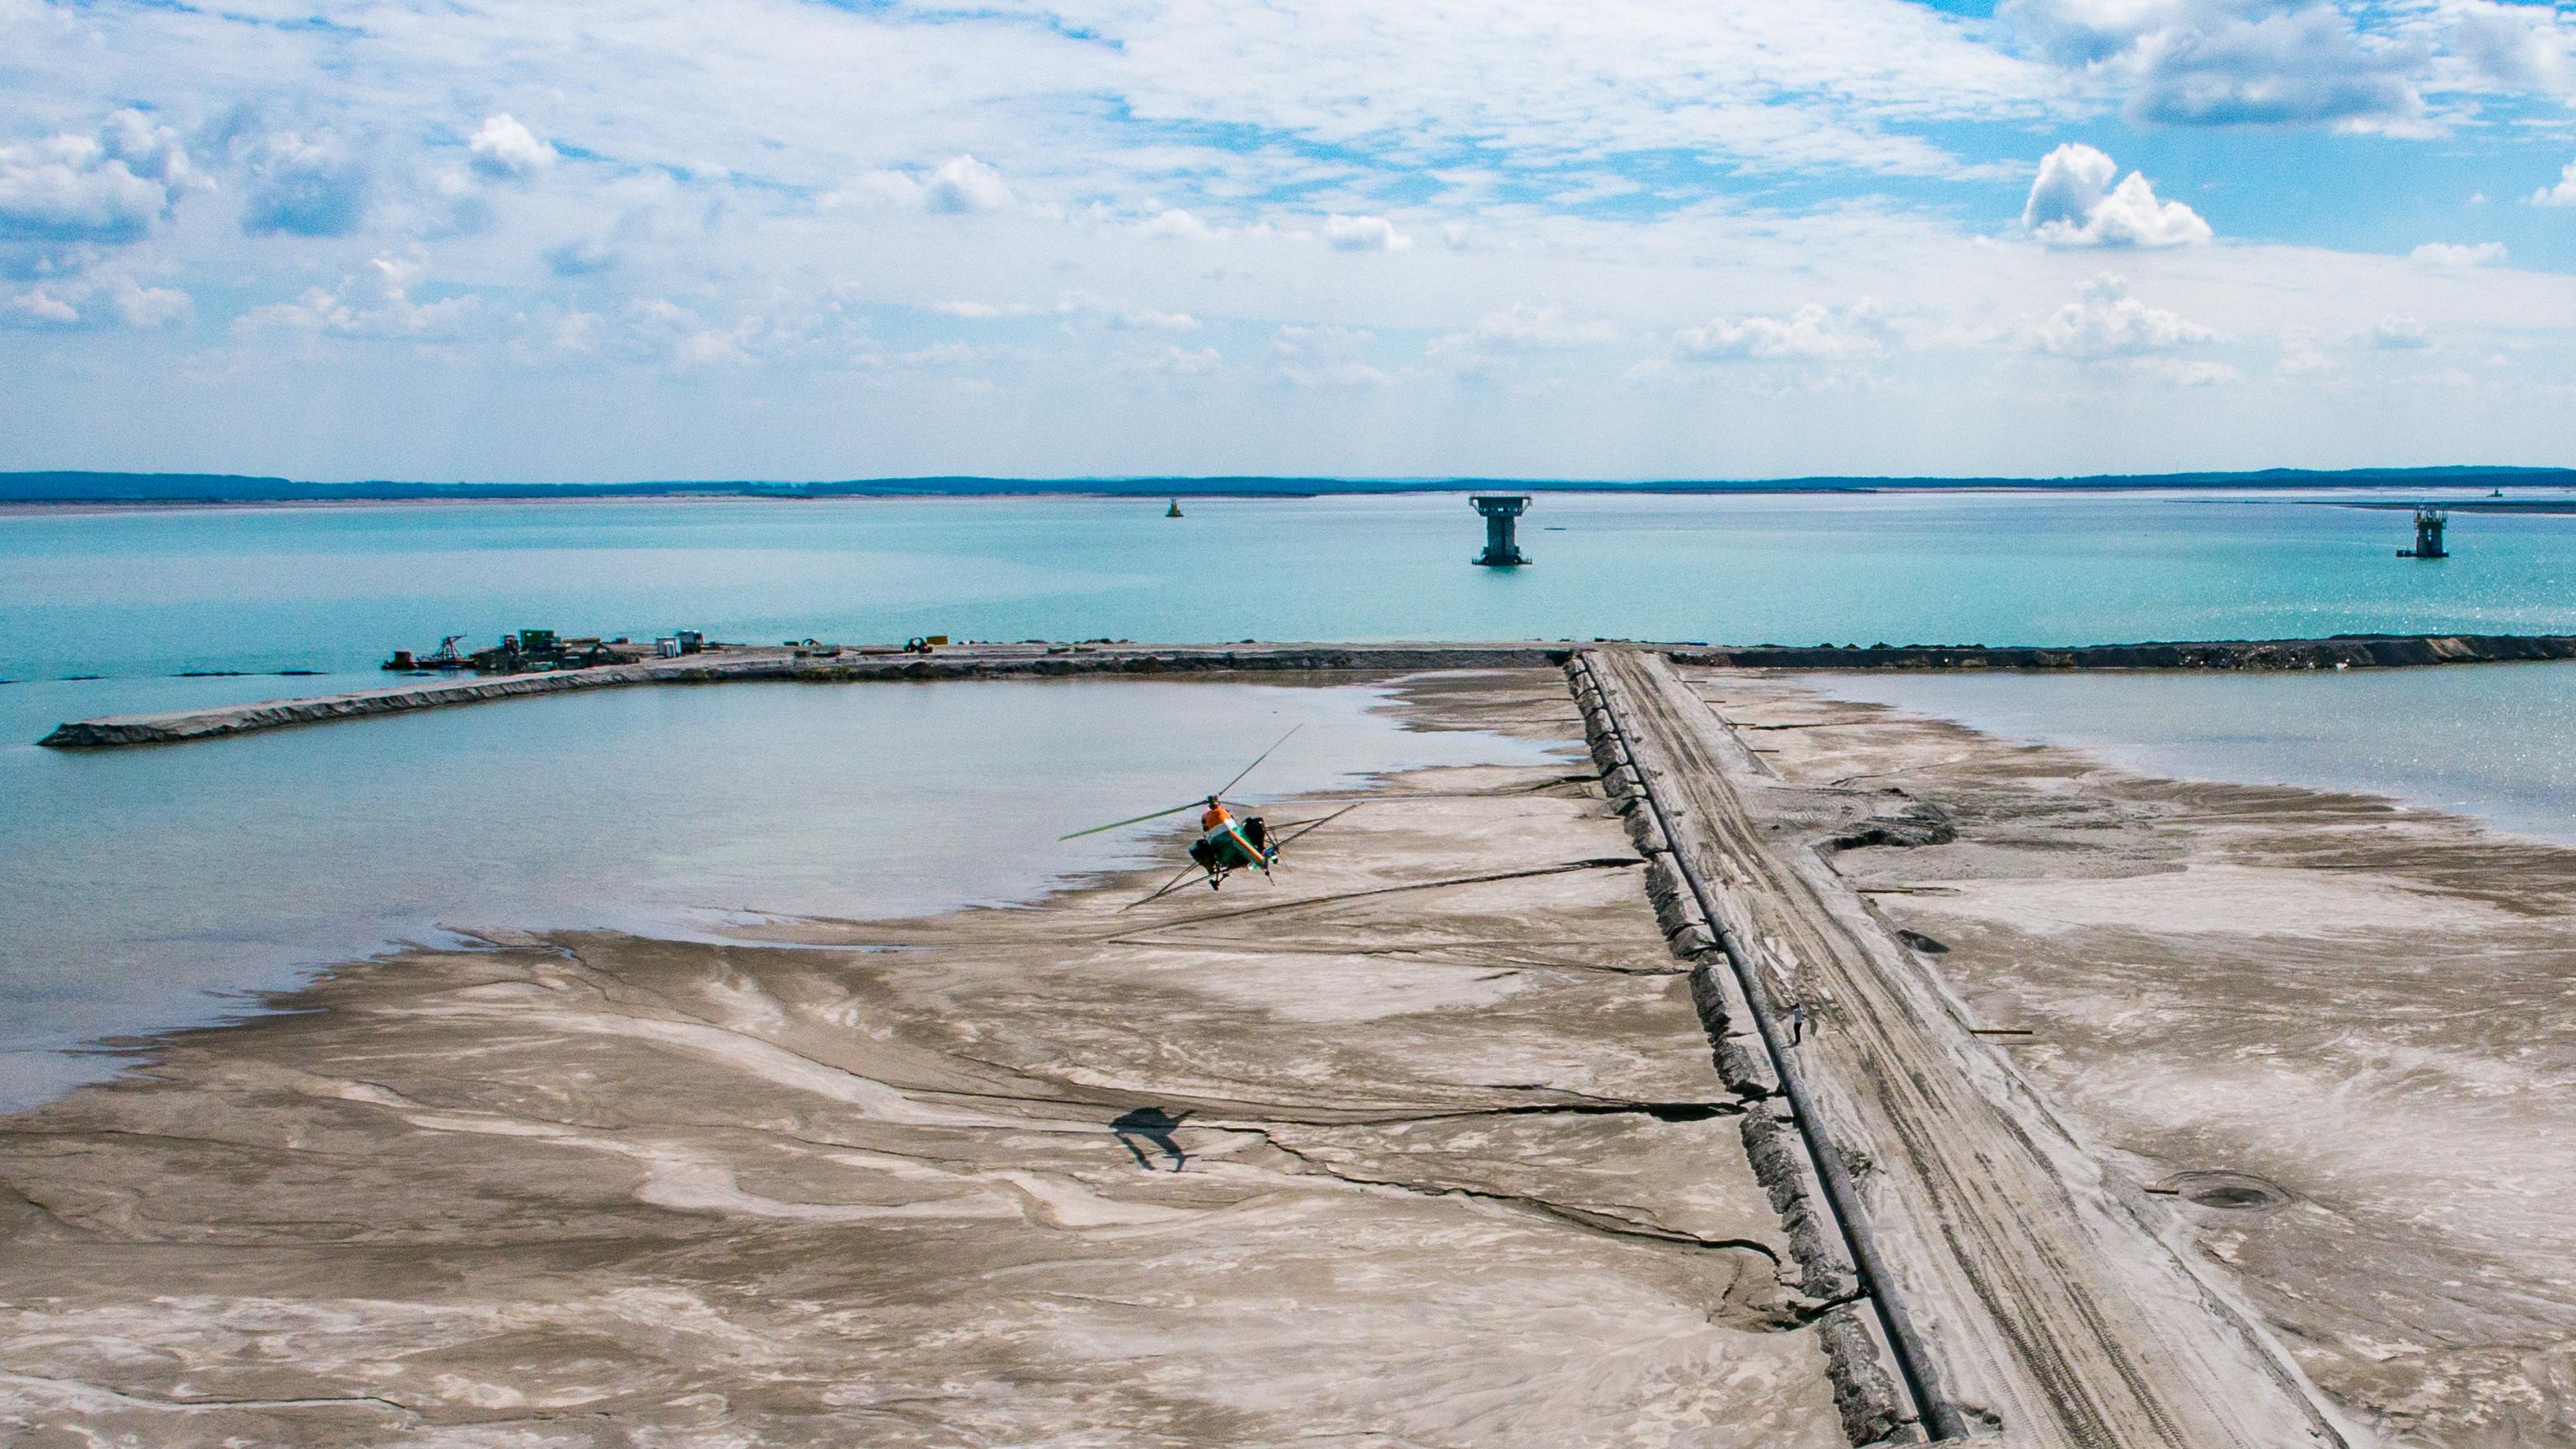 W centrum zdjęcia śmigłowiec wykorzystywany do zabezpieczania plaż roztworami emulsji asfaltowej. Fot. mat. pras.